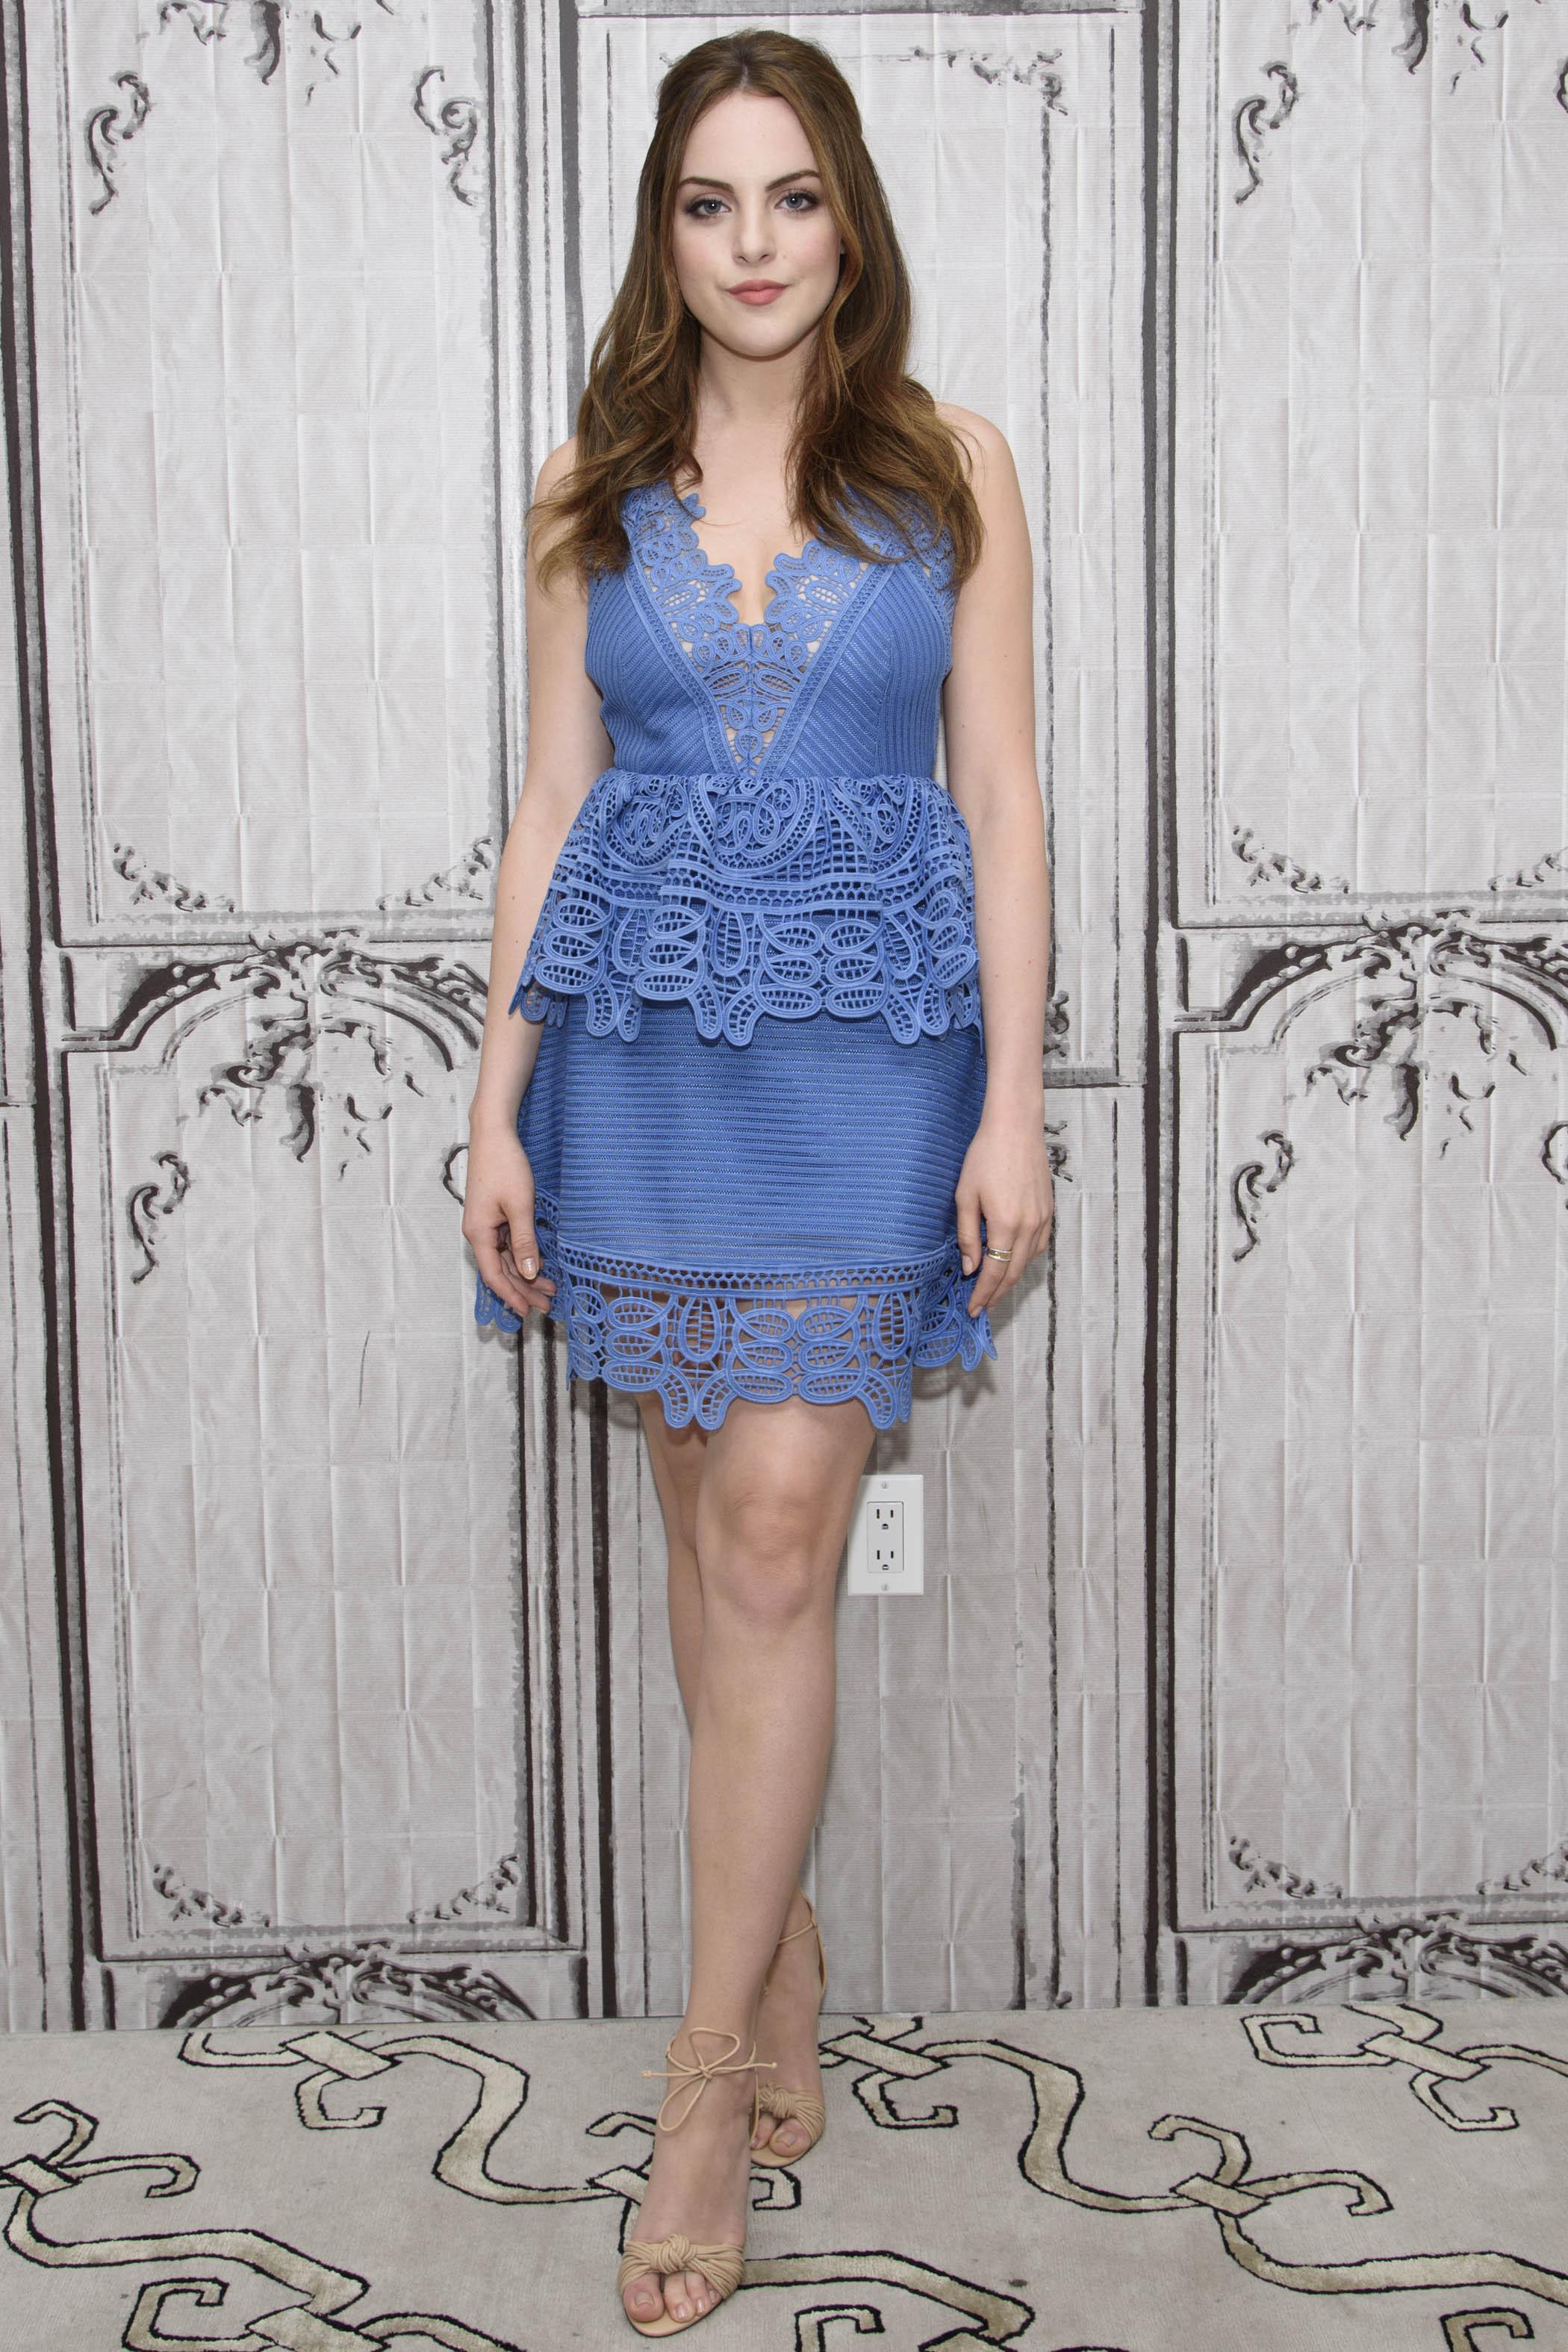 Elizabeth gilliess feet wikifeet voltagebd Choice Image